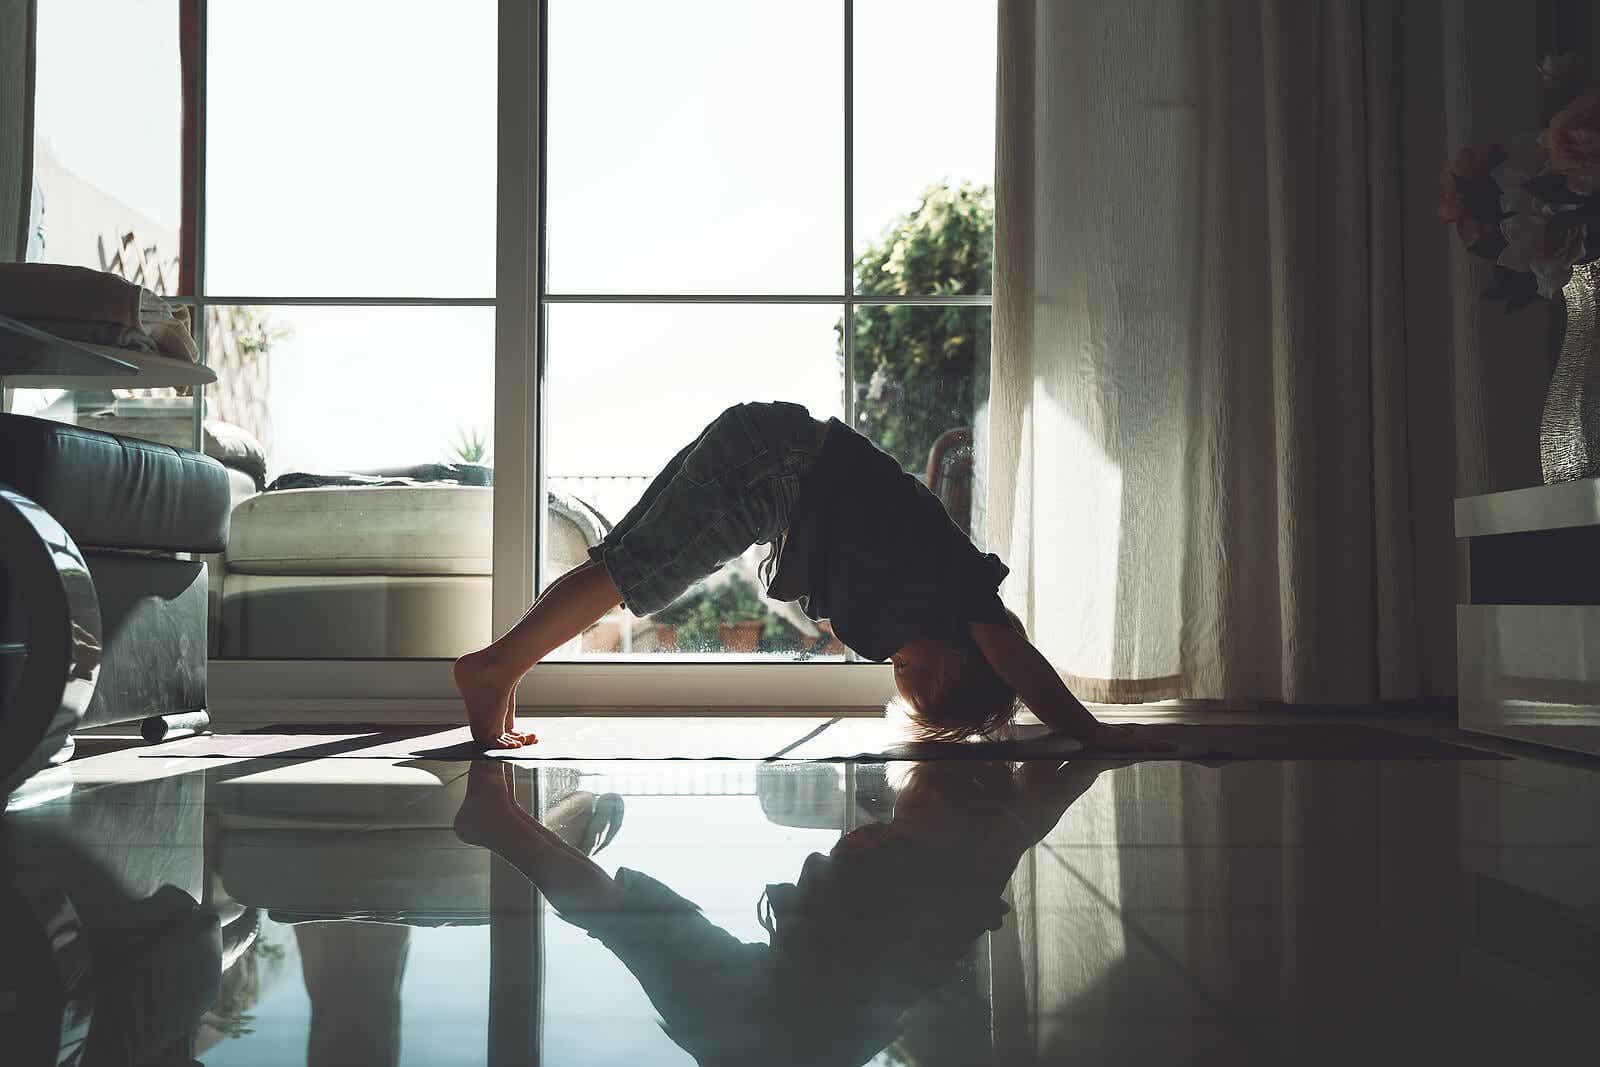 En lille dreng, der udfører yogaøvelser